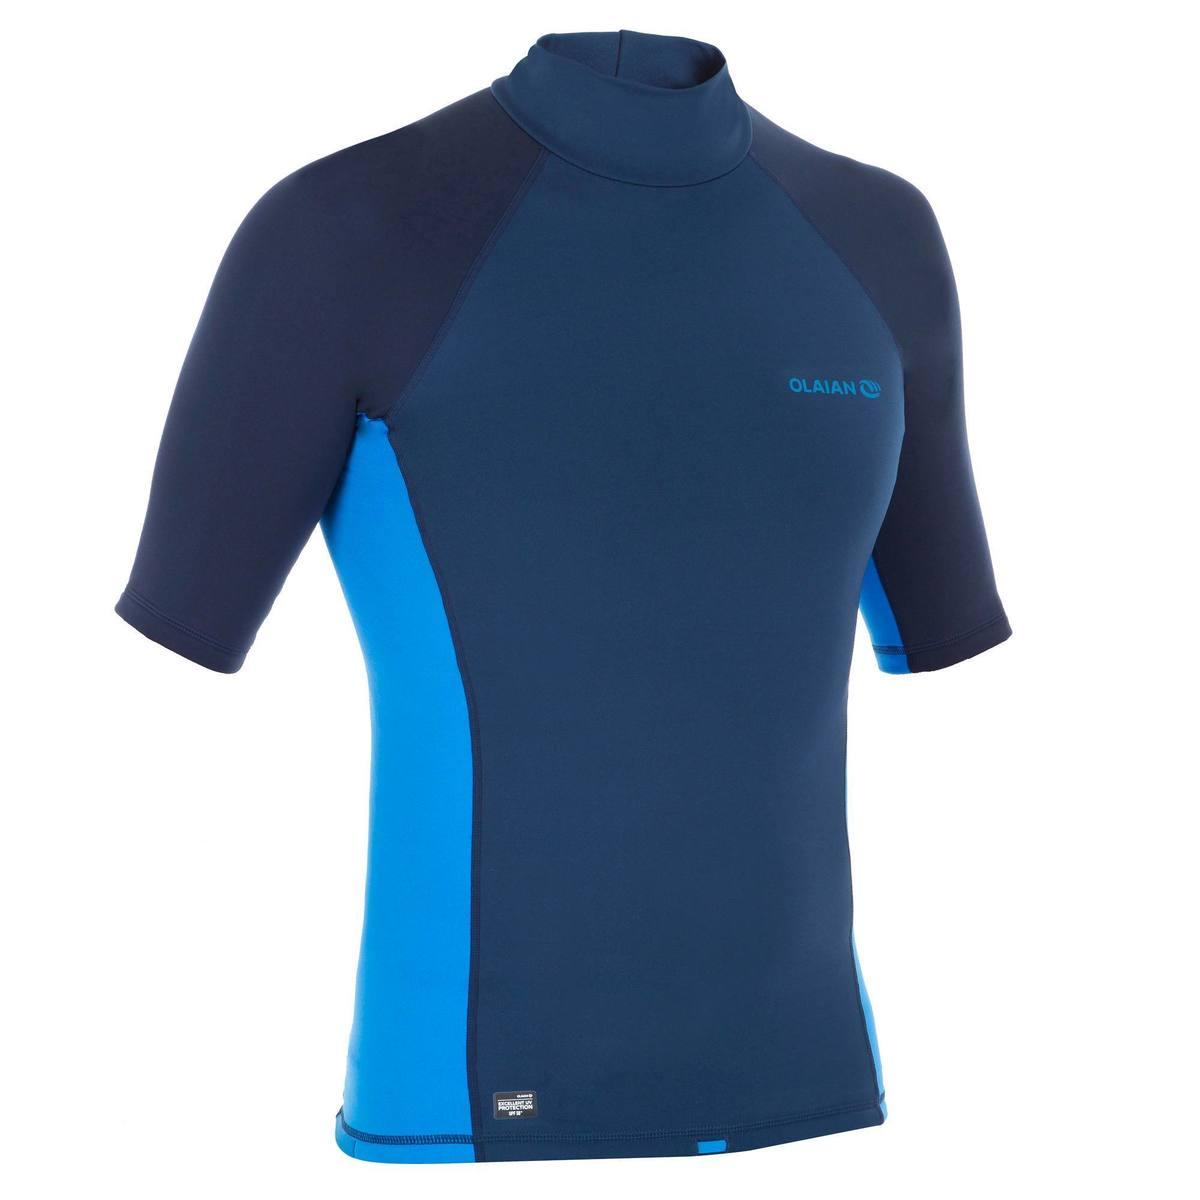 Bild 1 von Thermo-Shirt kurzarm UV-Schutz 900 Fleece Herren blau